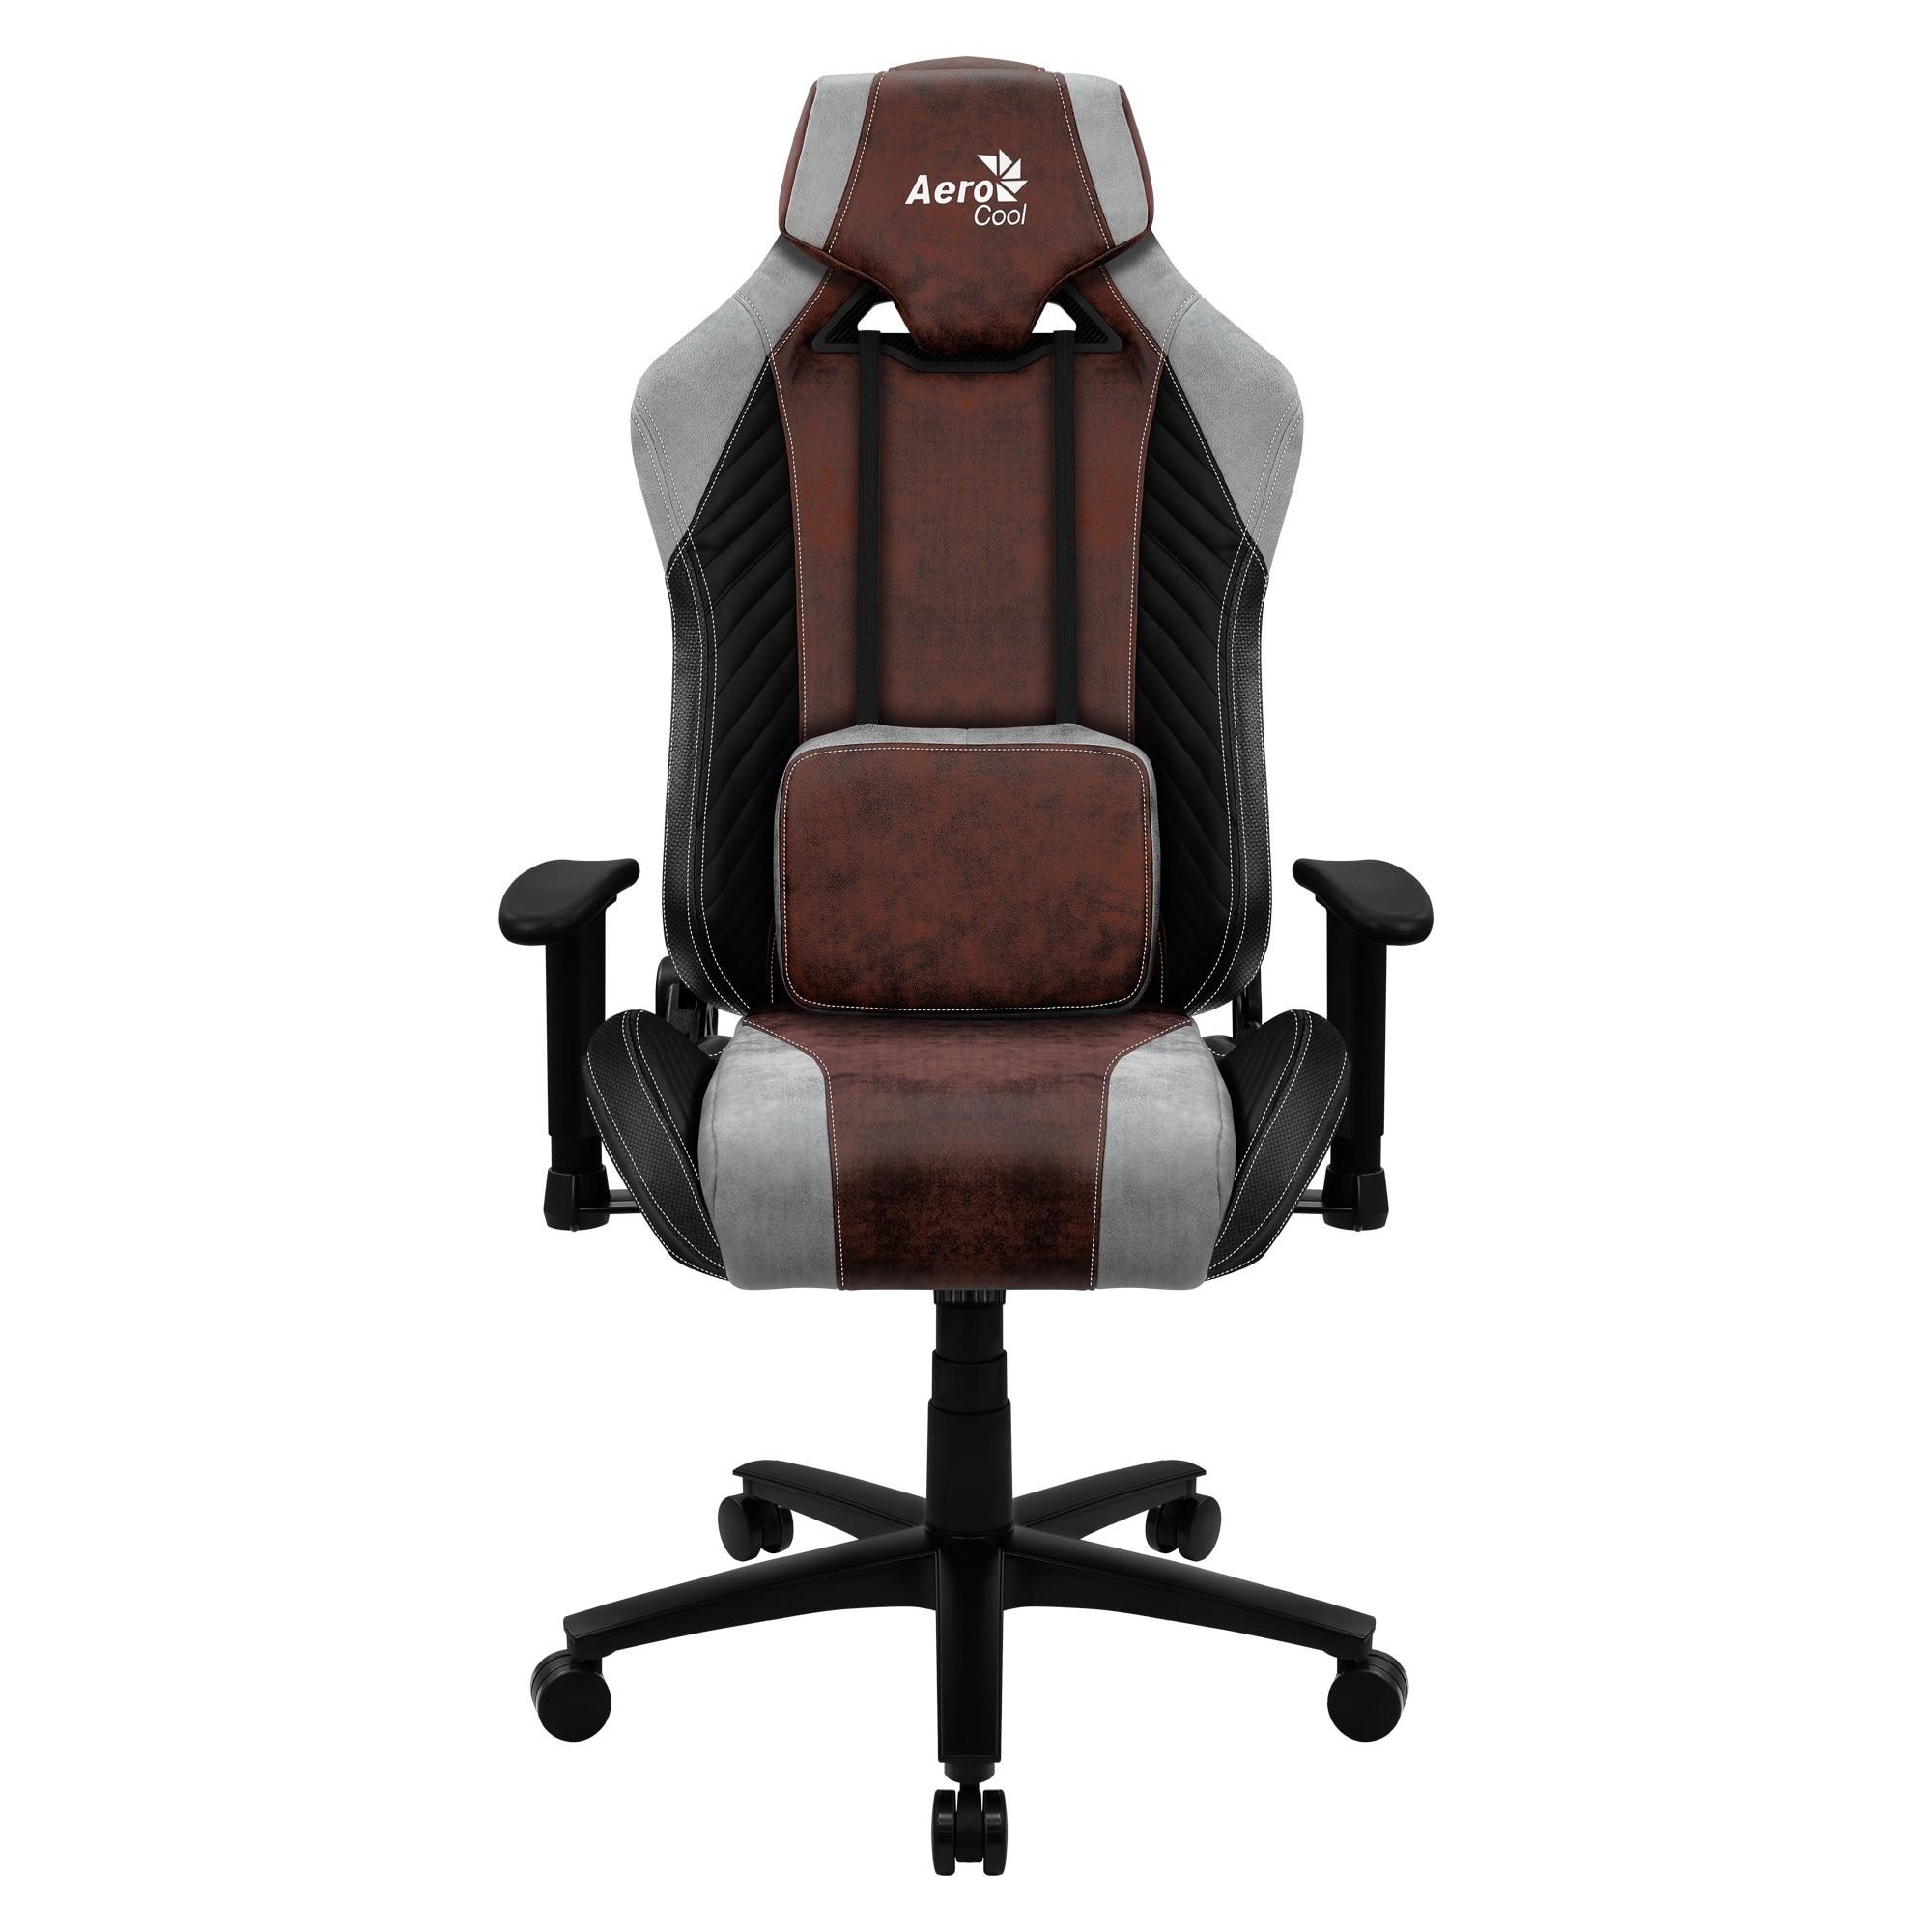 Aerocool BARON, Gaming Chair, AeroSuede, Breathable, Backstop Adjustable, Red